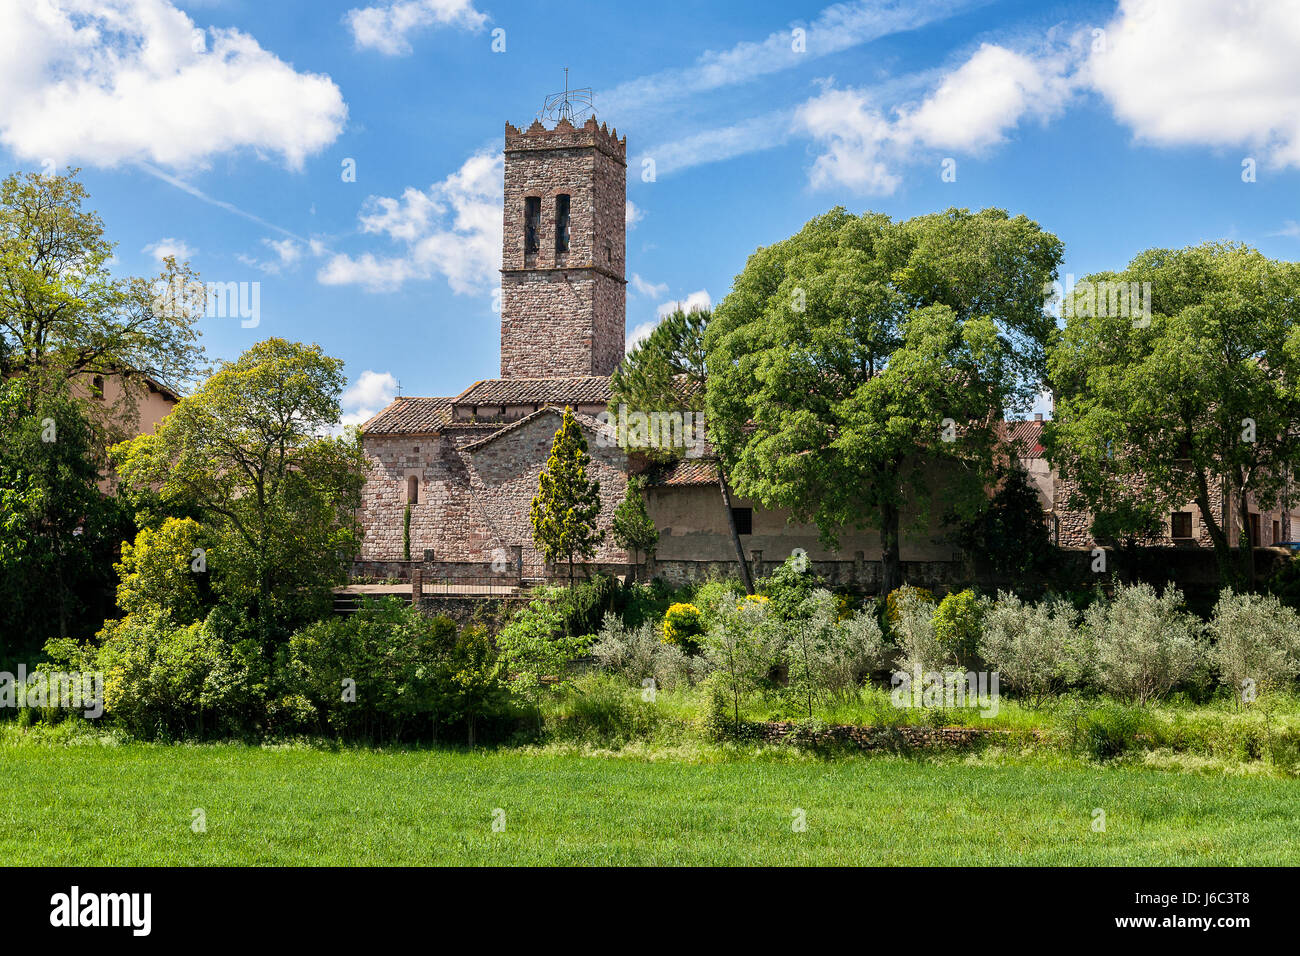 Eglise en Espagne près de Barcelone, en Catalogne. Campagne espagnole dans la saison du printemps avec des Photo Stock